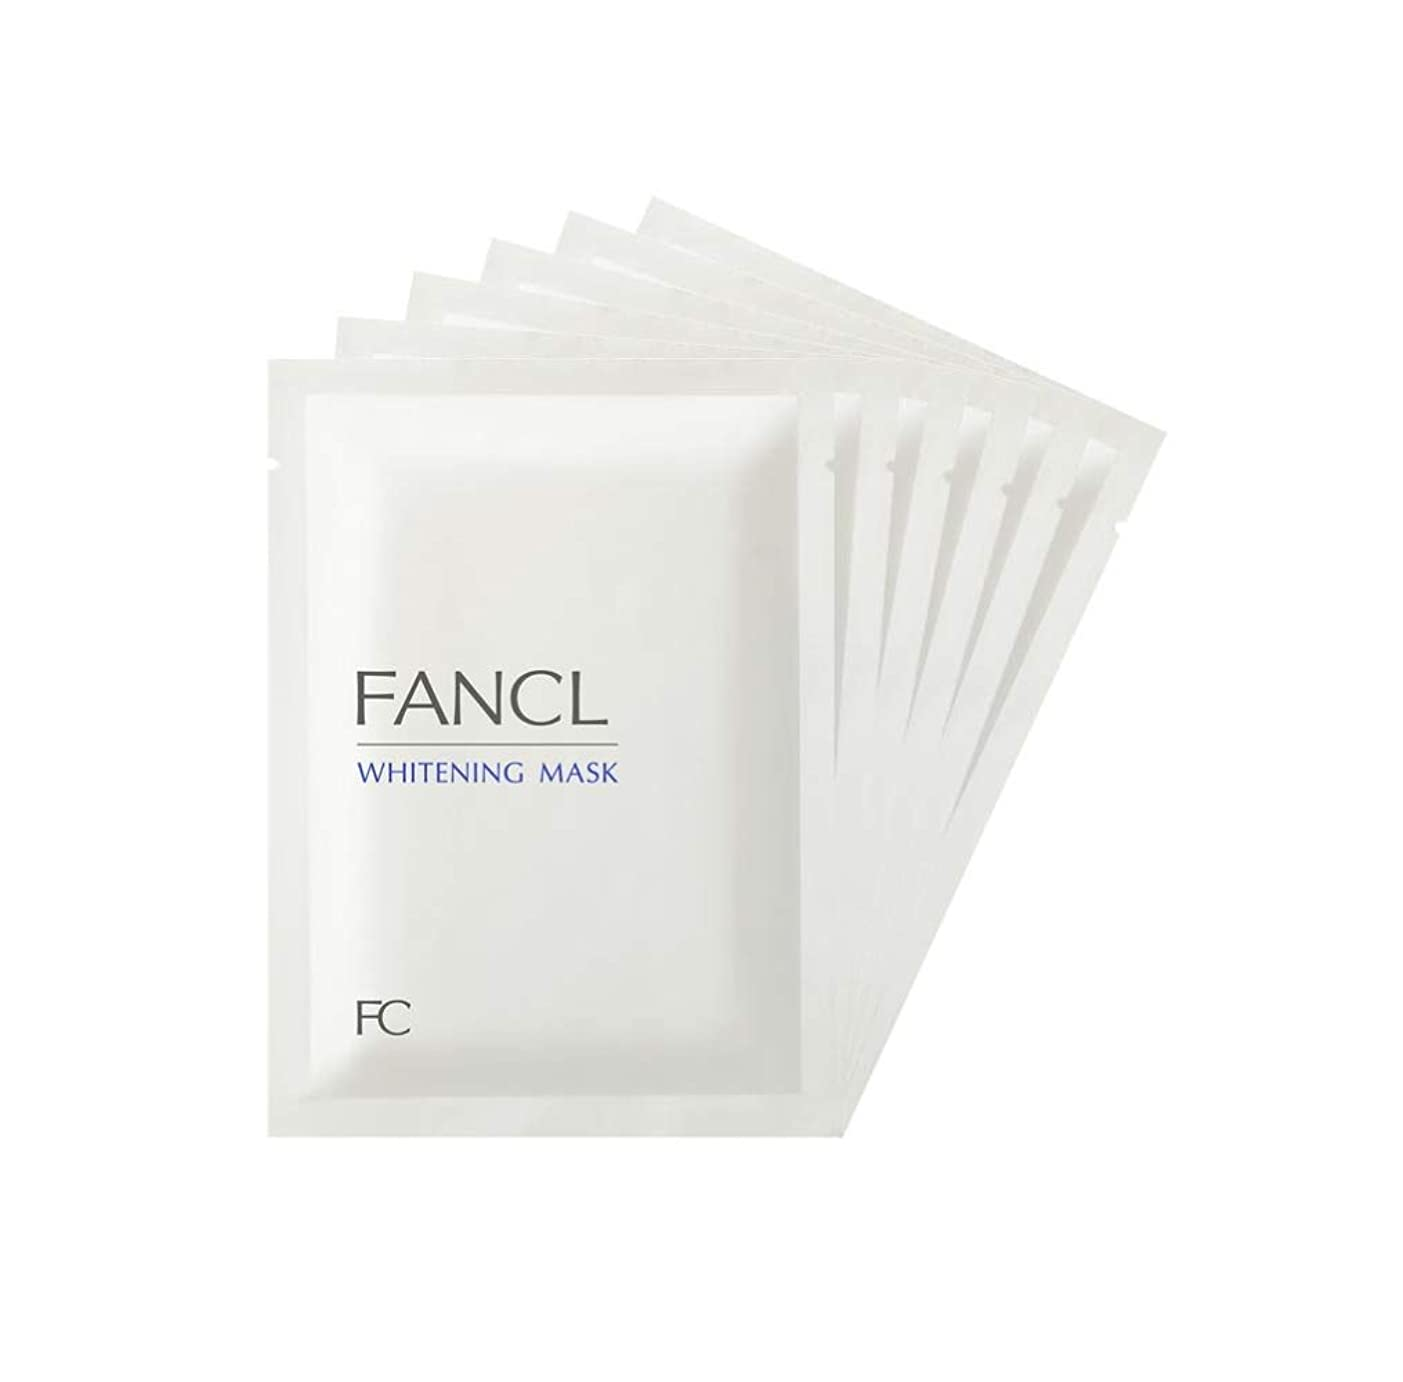 自分自身賢明な信号新ファンケル(FANCL) ホワイトニング マスク<医薬部外品> 21mL×6枚